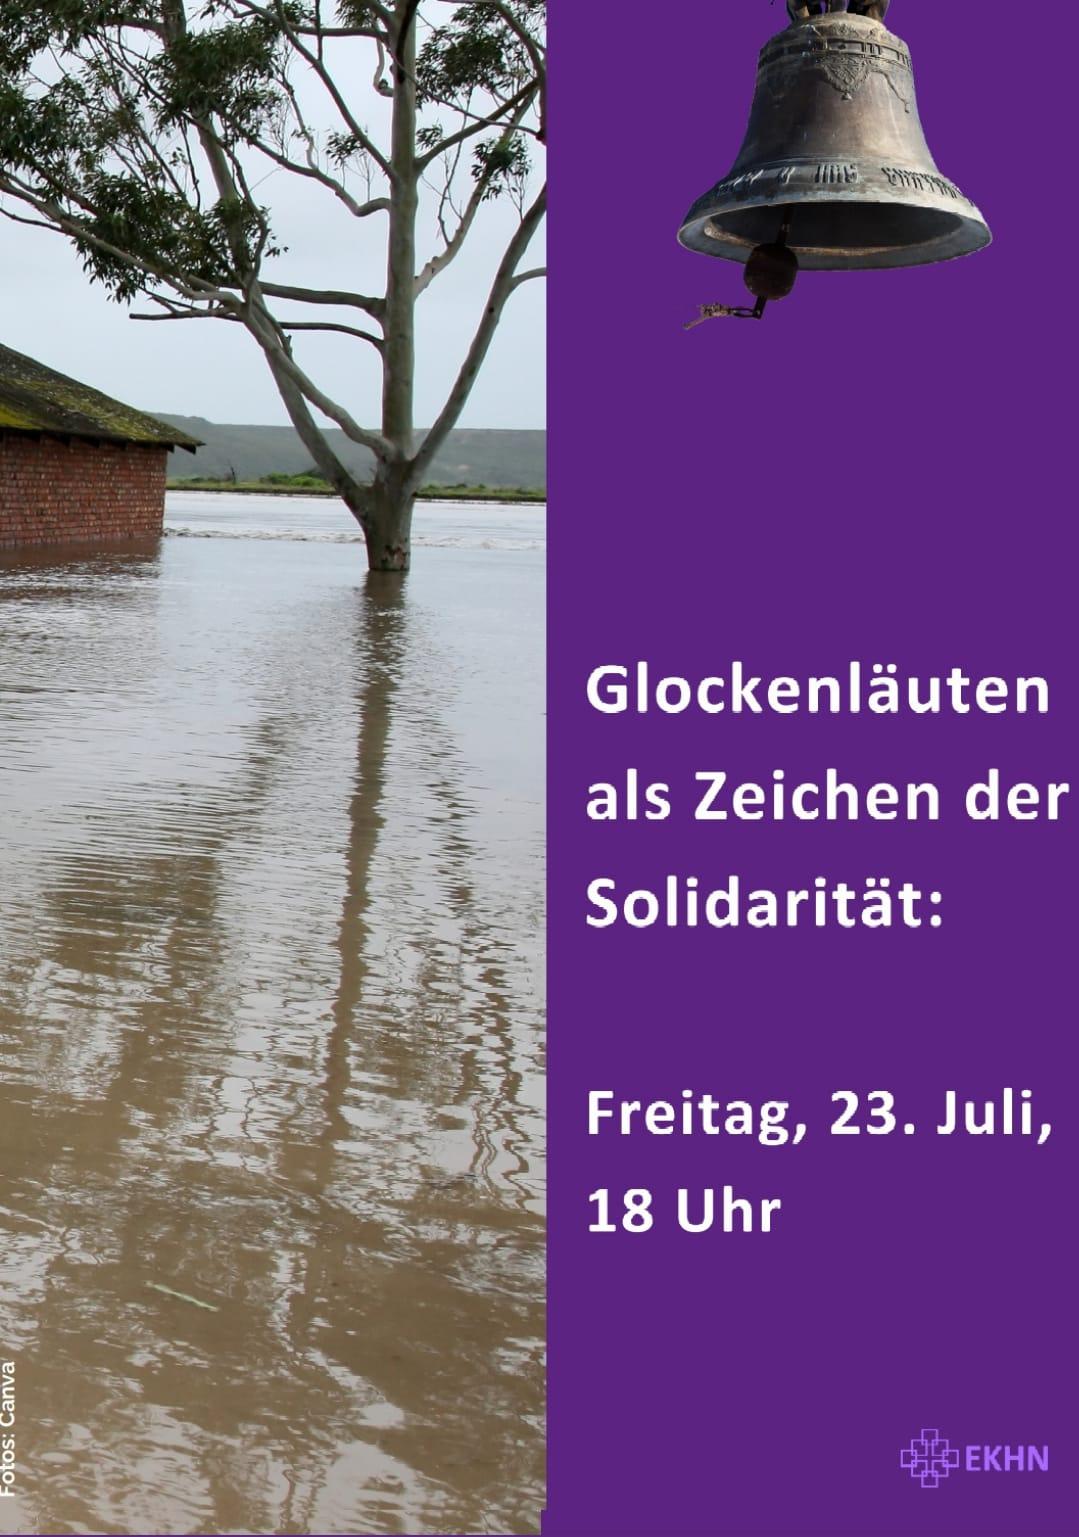 Glockengeläut am Freitag, 23. Juli 2021, 18 Uhr aus Anlass der Flutkatastrophe in Nordrhein-Westfalen und Rheinland-Pfalz